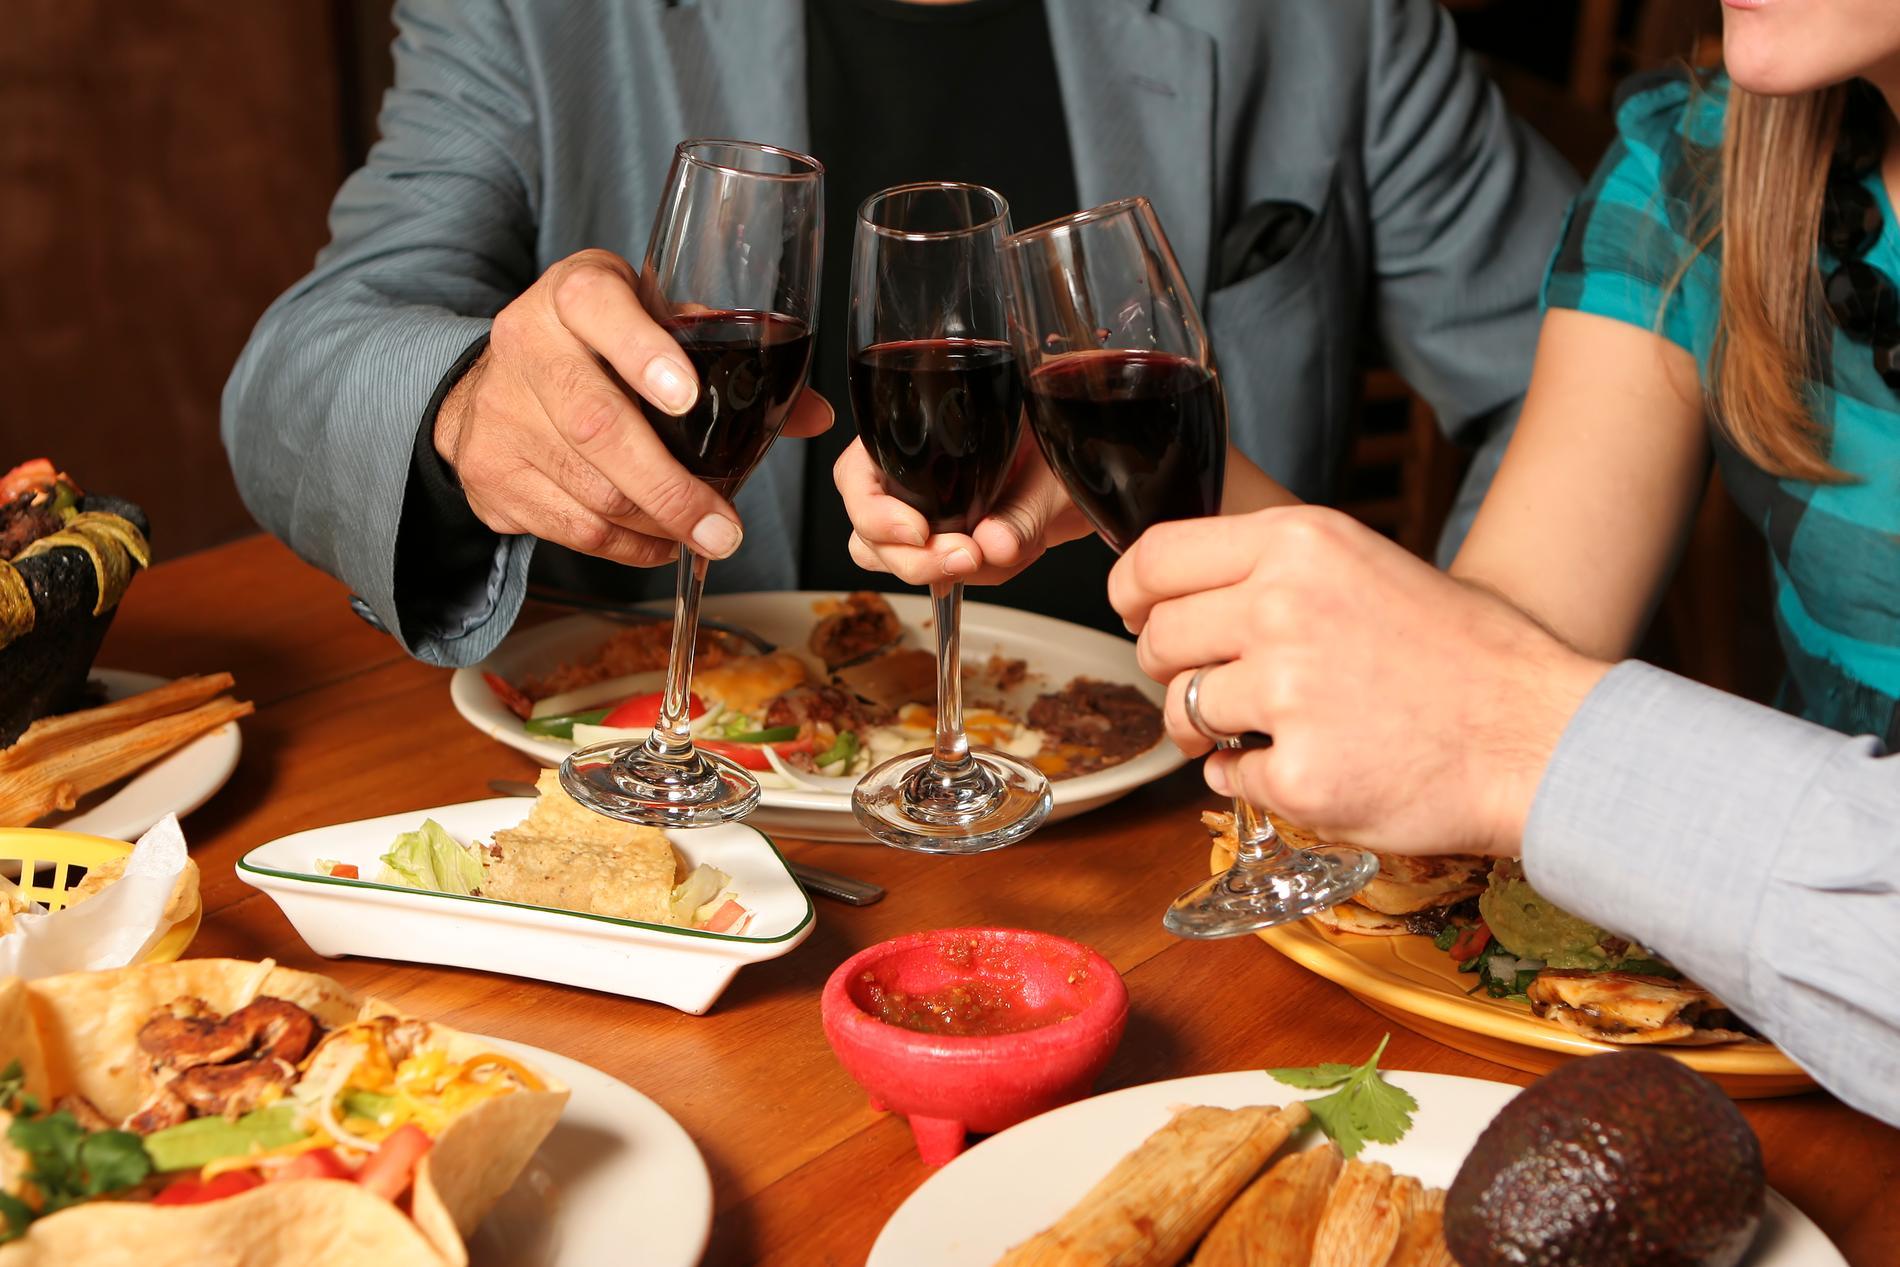 Om man är sugen på rött så är en bärig och lätt beaujolais god till tacos.